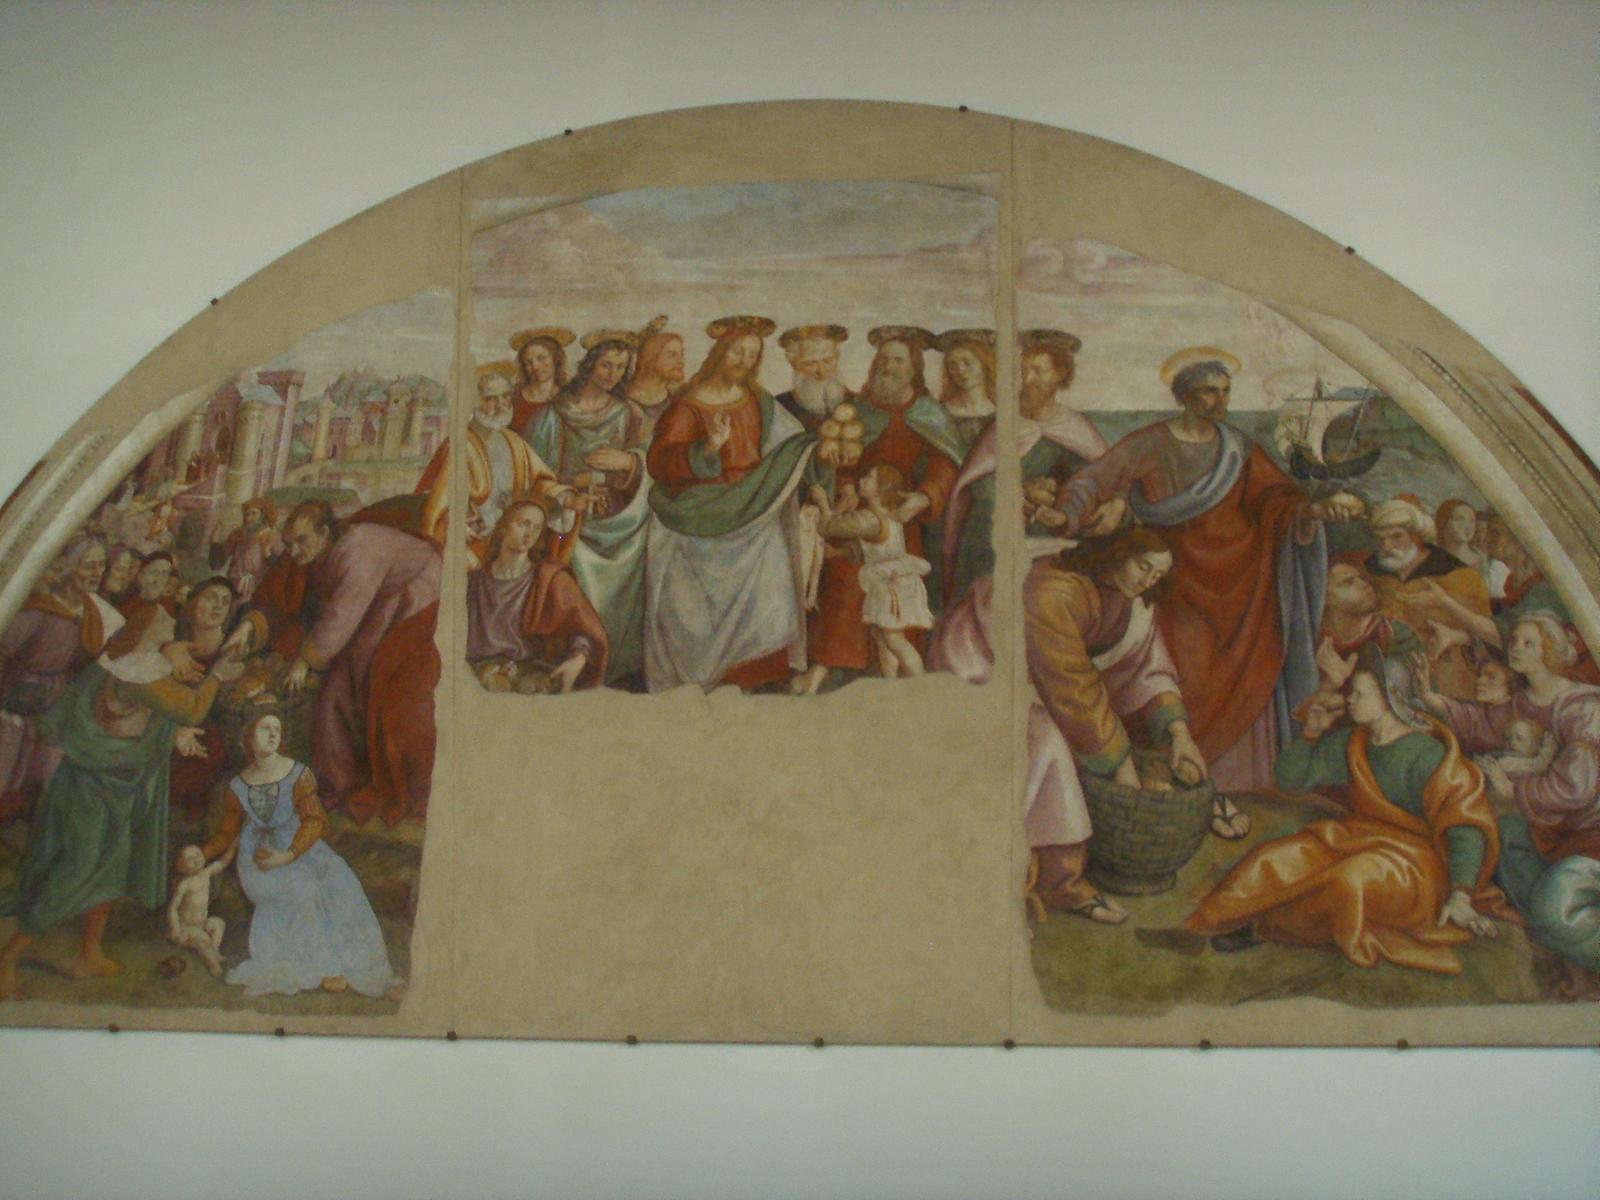 Rodolfo papa la bellezza rivelata moltiplicazione dei for Immagini della dispensa del maggiordomo